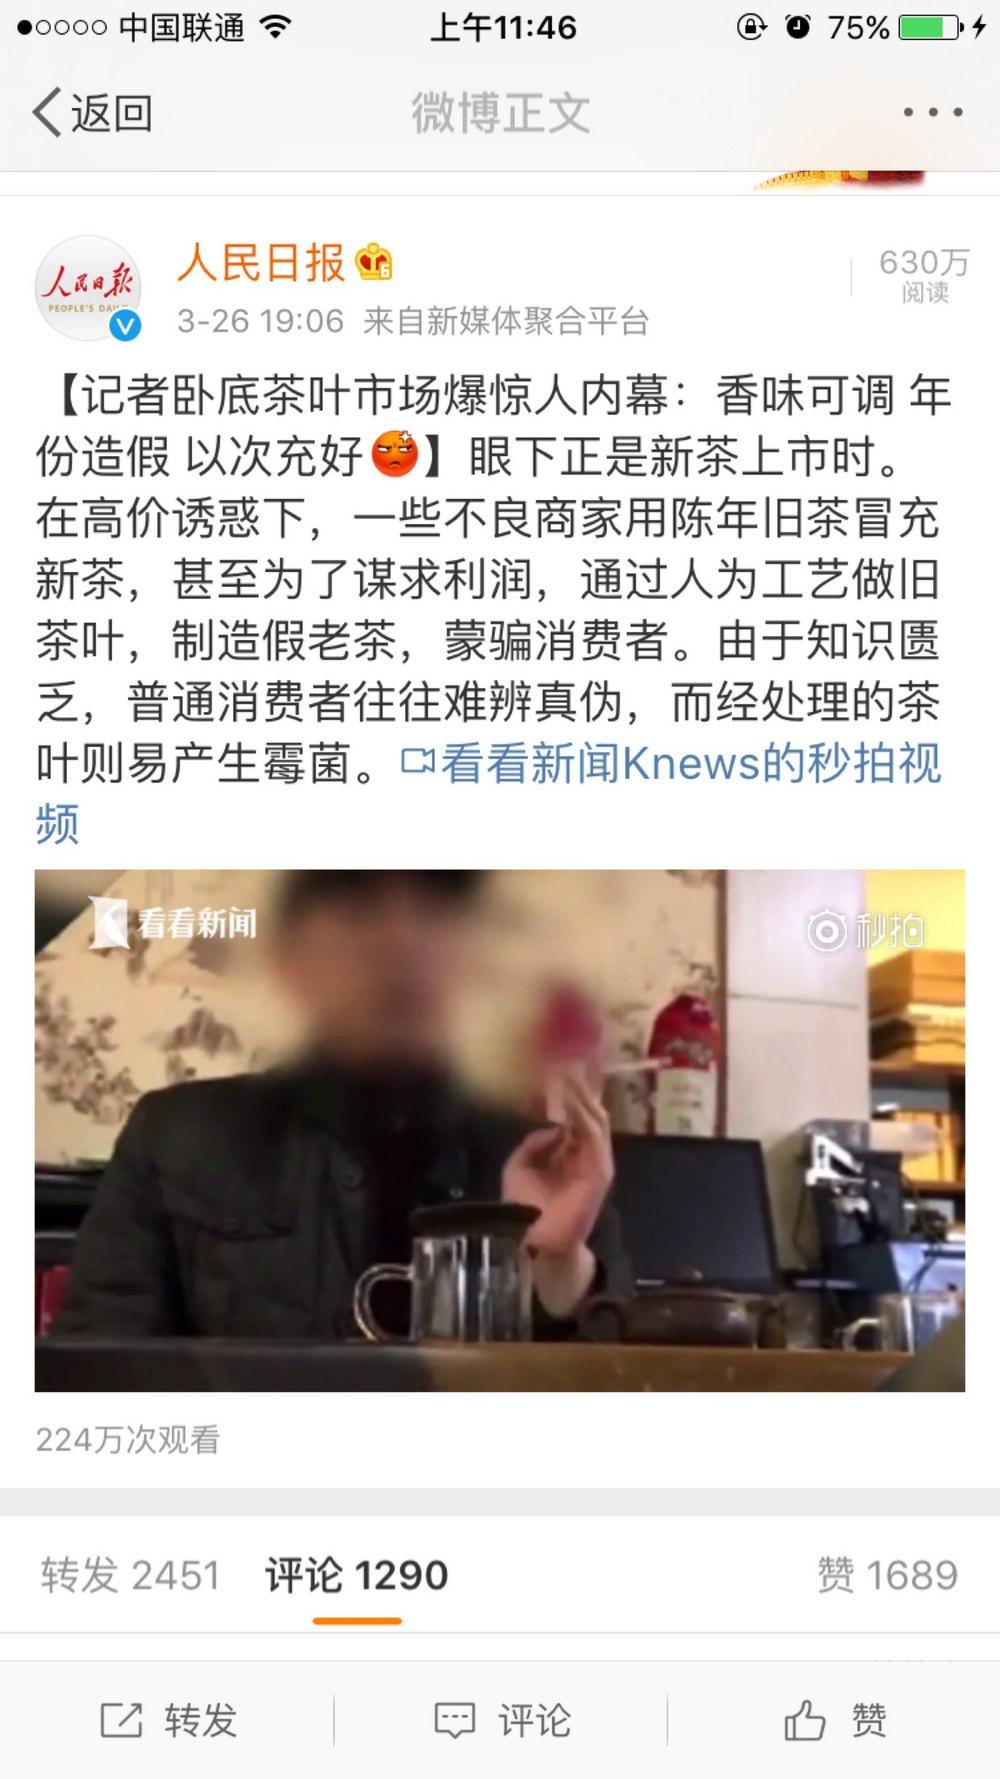 记者卧底爆茶叶内幕,大家快来讨论如何辨别假茶!!